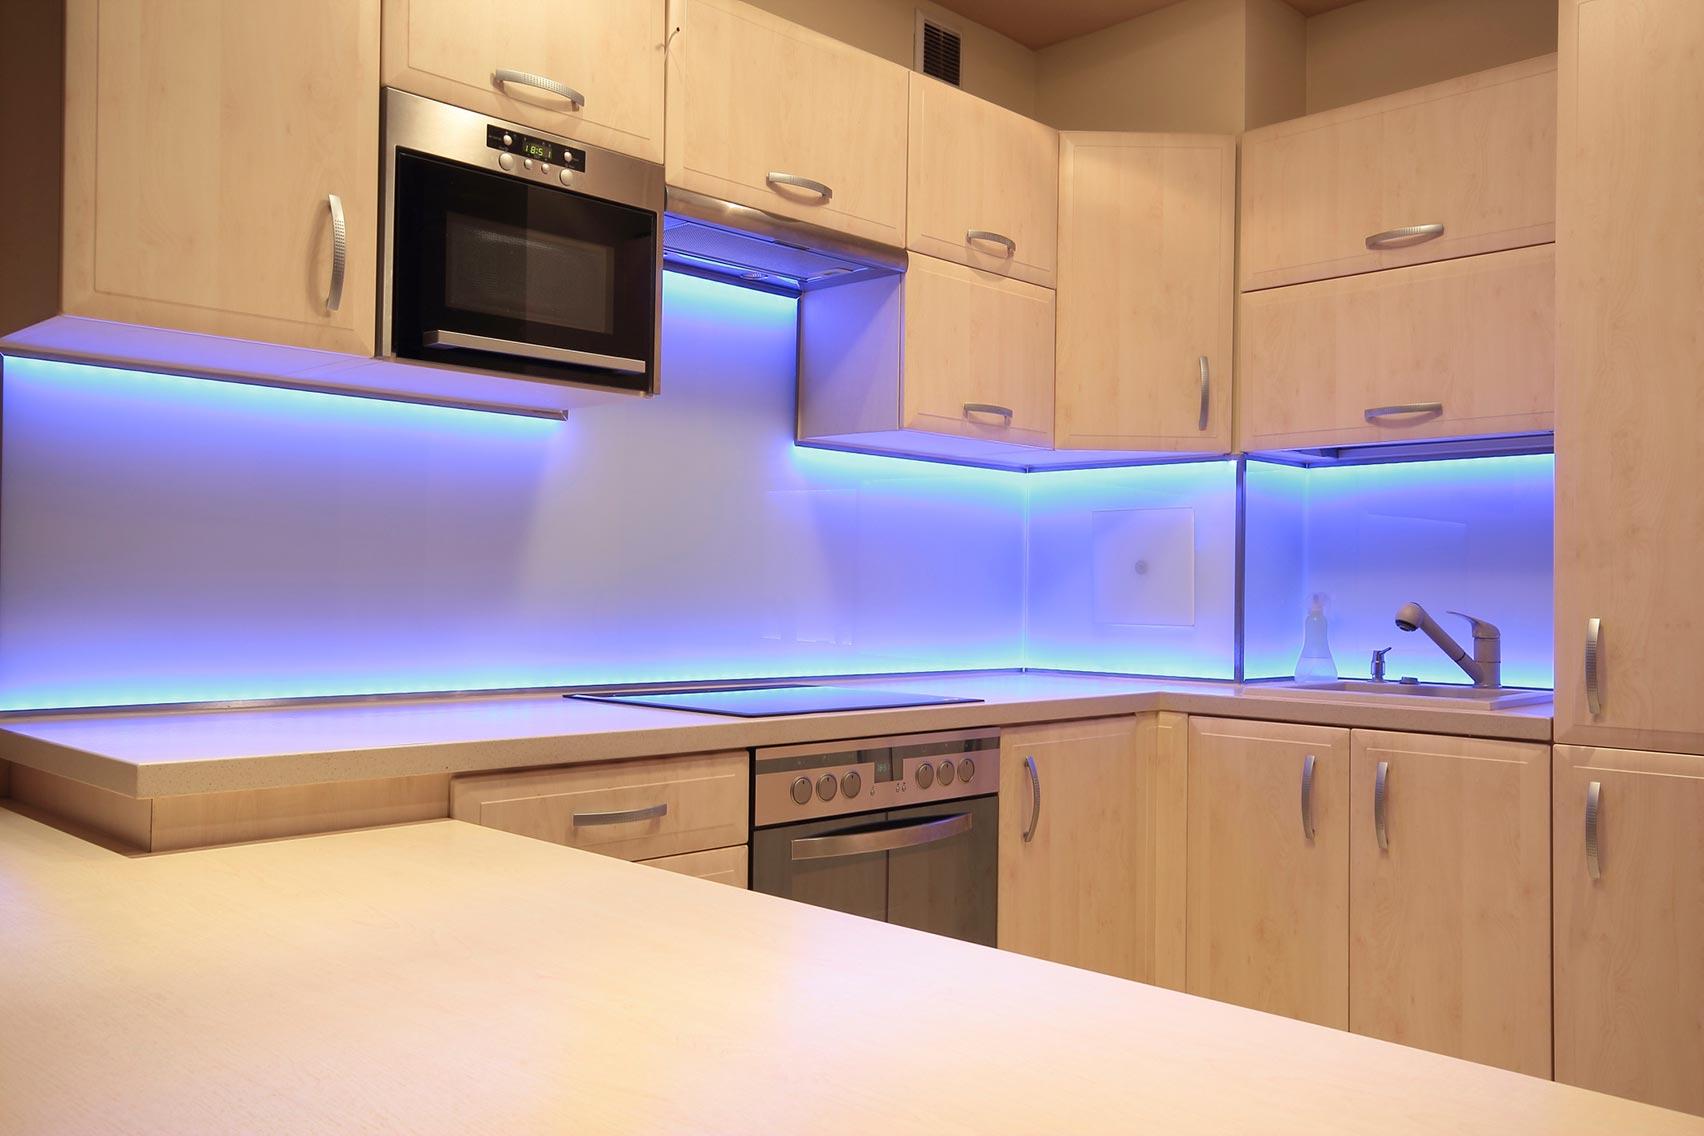 подсветка кухни светодиодной лентой фото указана обработку, учитывая